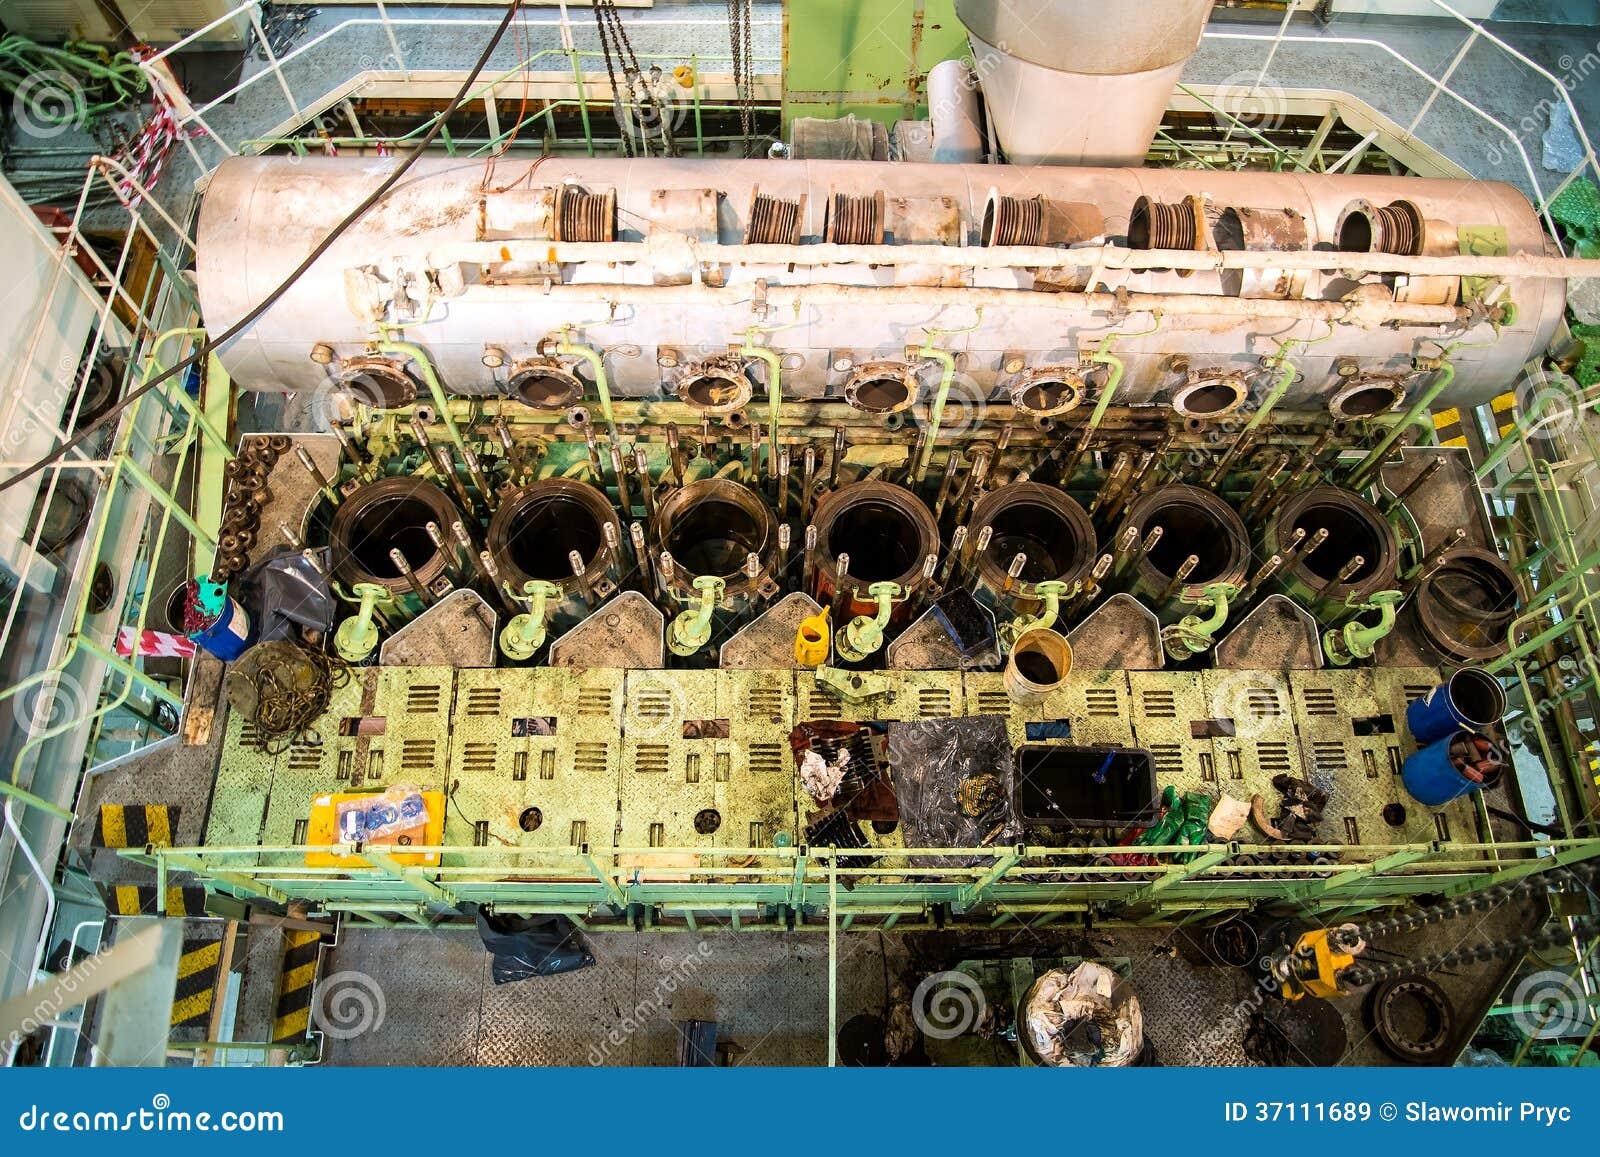 Repair of marine engine stock image  Image of marine - 37111689